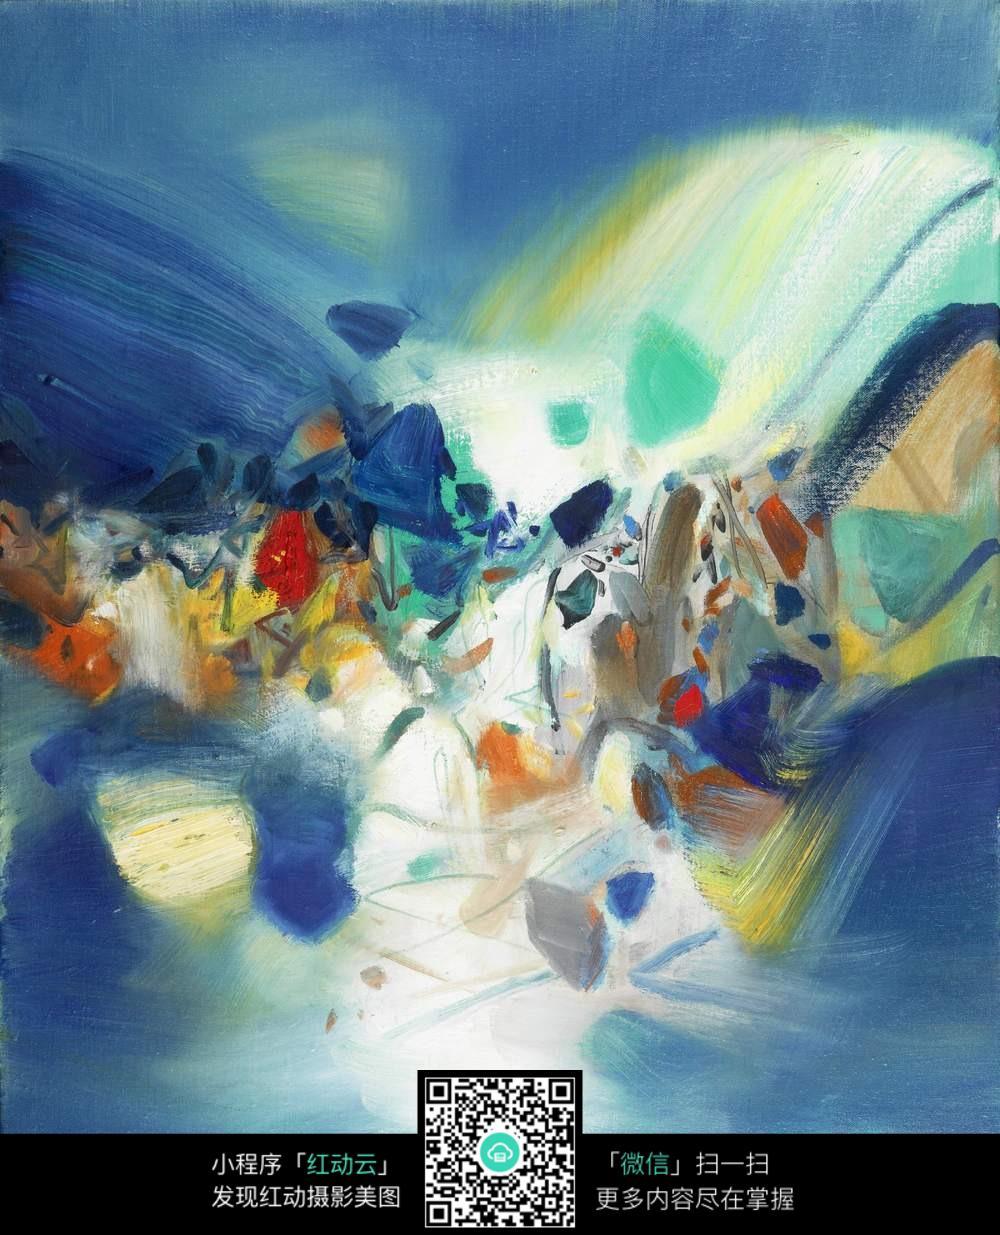 抽象河流水彩画图片素材